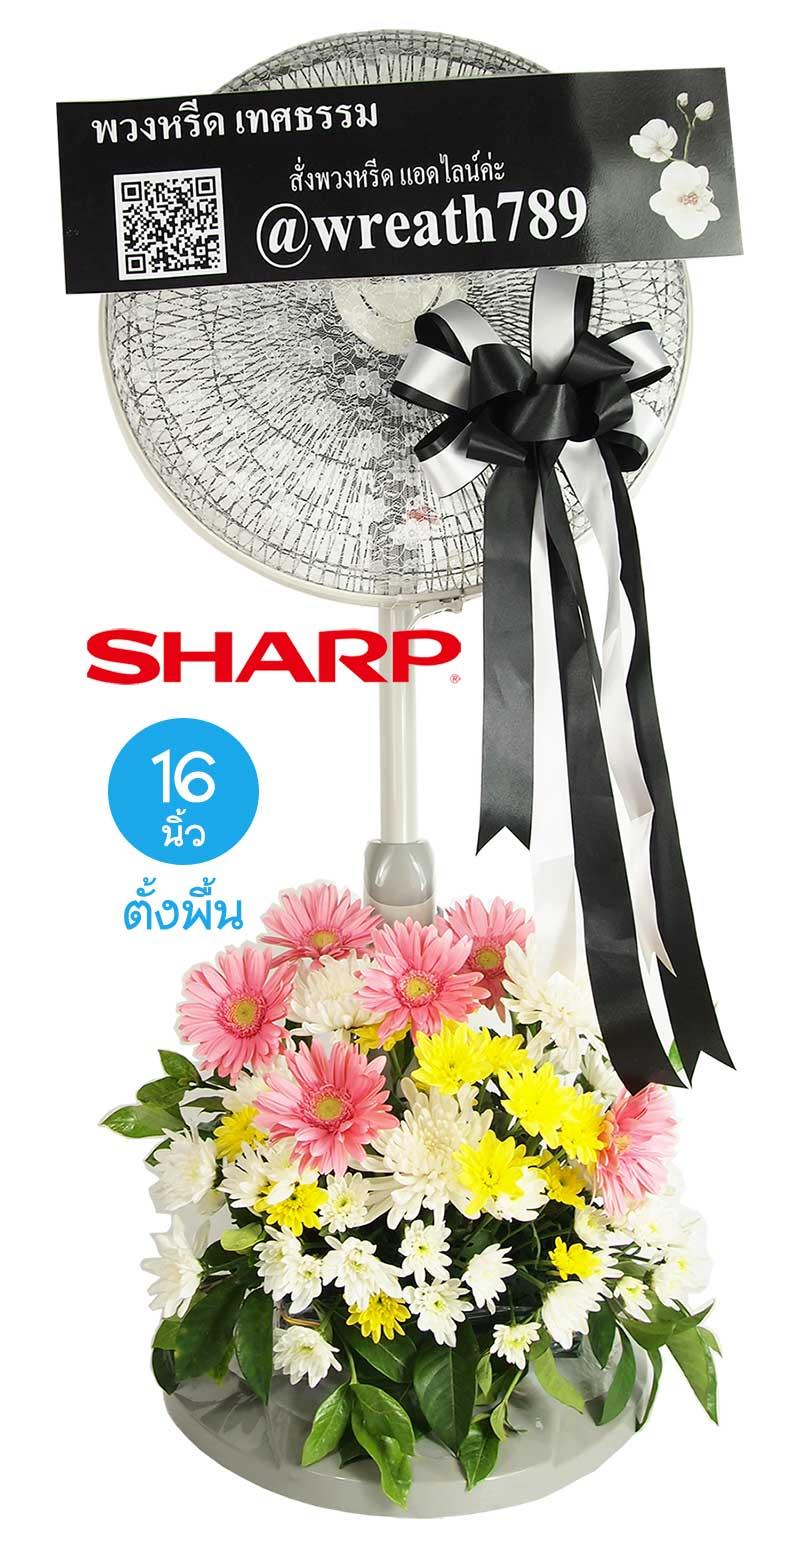 พวงหรีดพัดลมดอกไม้สด แบบที่106a 16นิ้ว Sharp